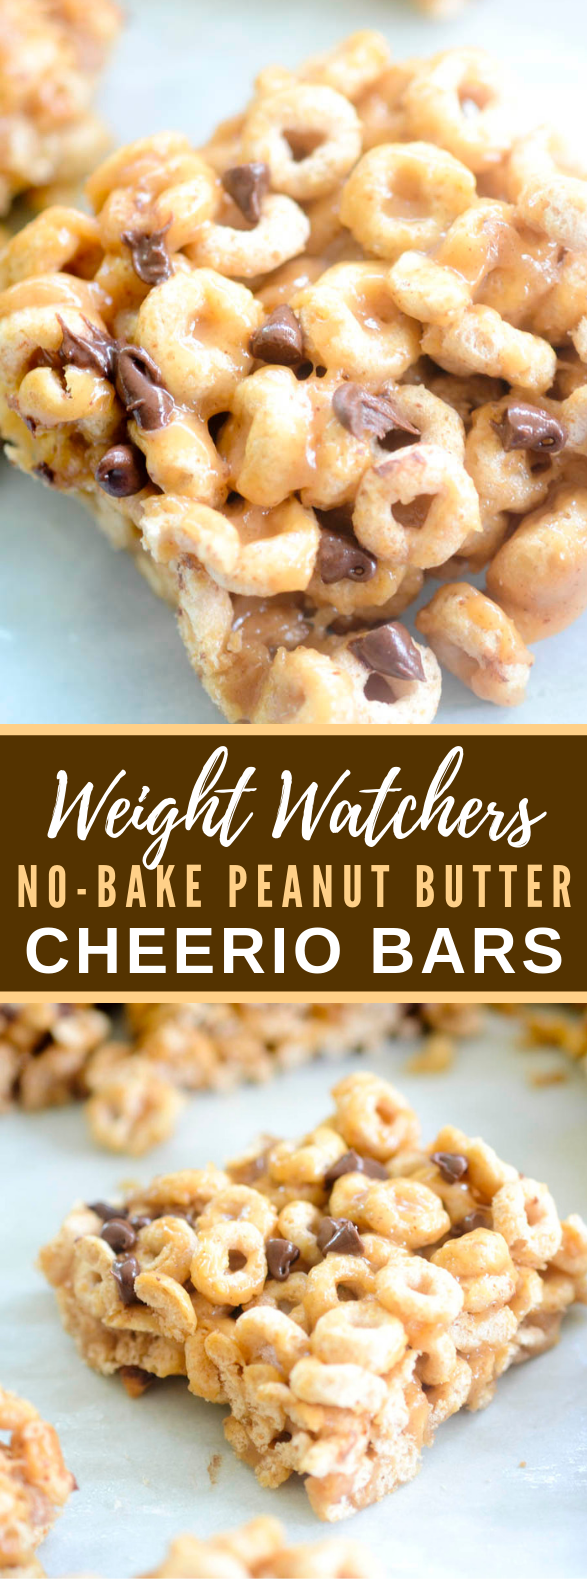 WEIGHT WATCHERS NO-BAKE PEANUT BUTTER CHEERIO BARS #healthy #diet